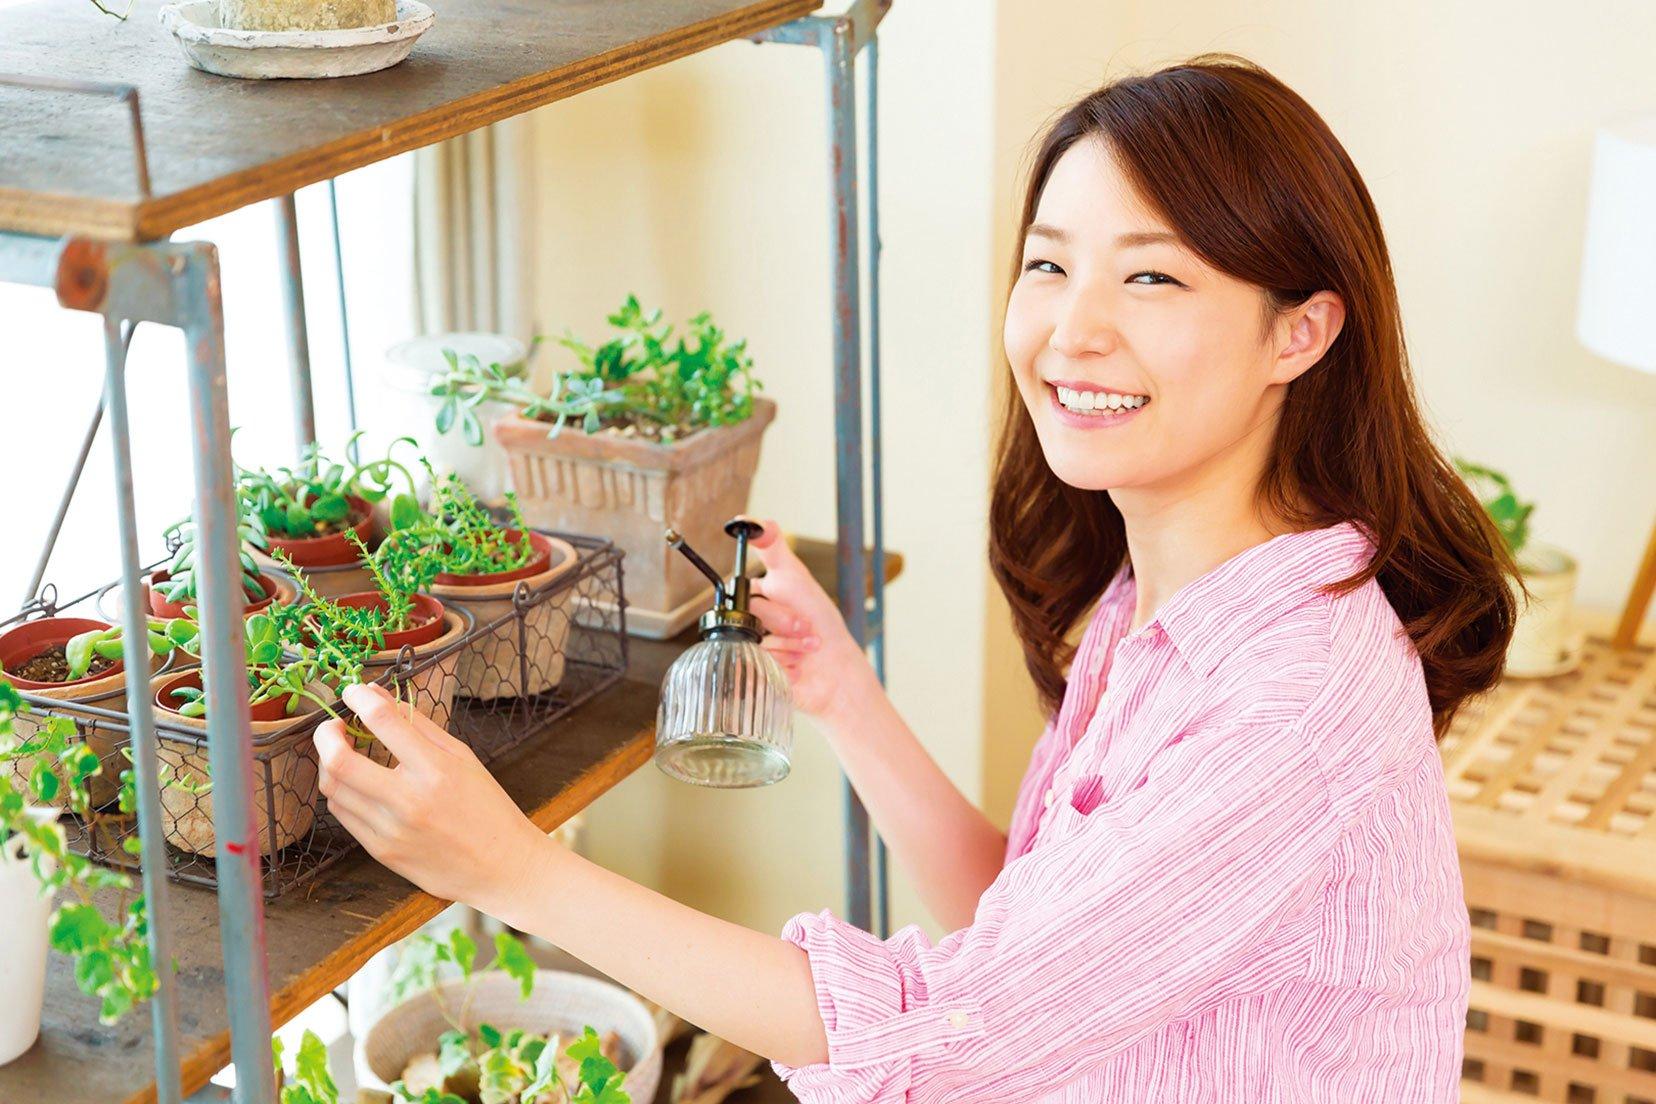 澆水適量即可,植物才能長得健康旺盛。(Shutterstock)